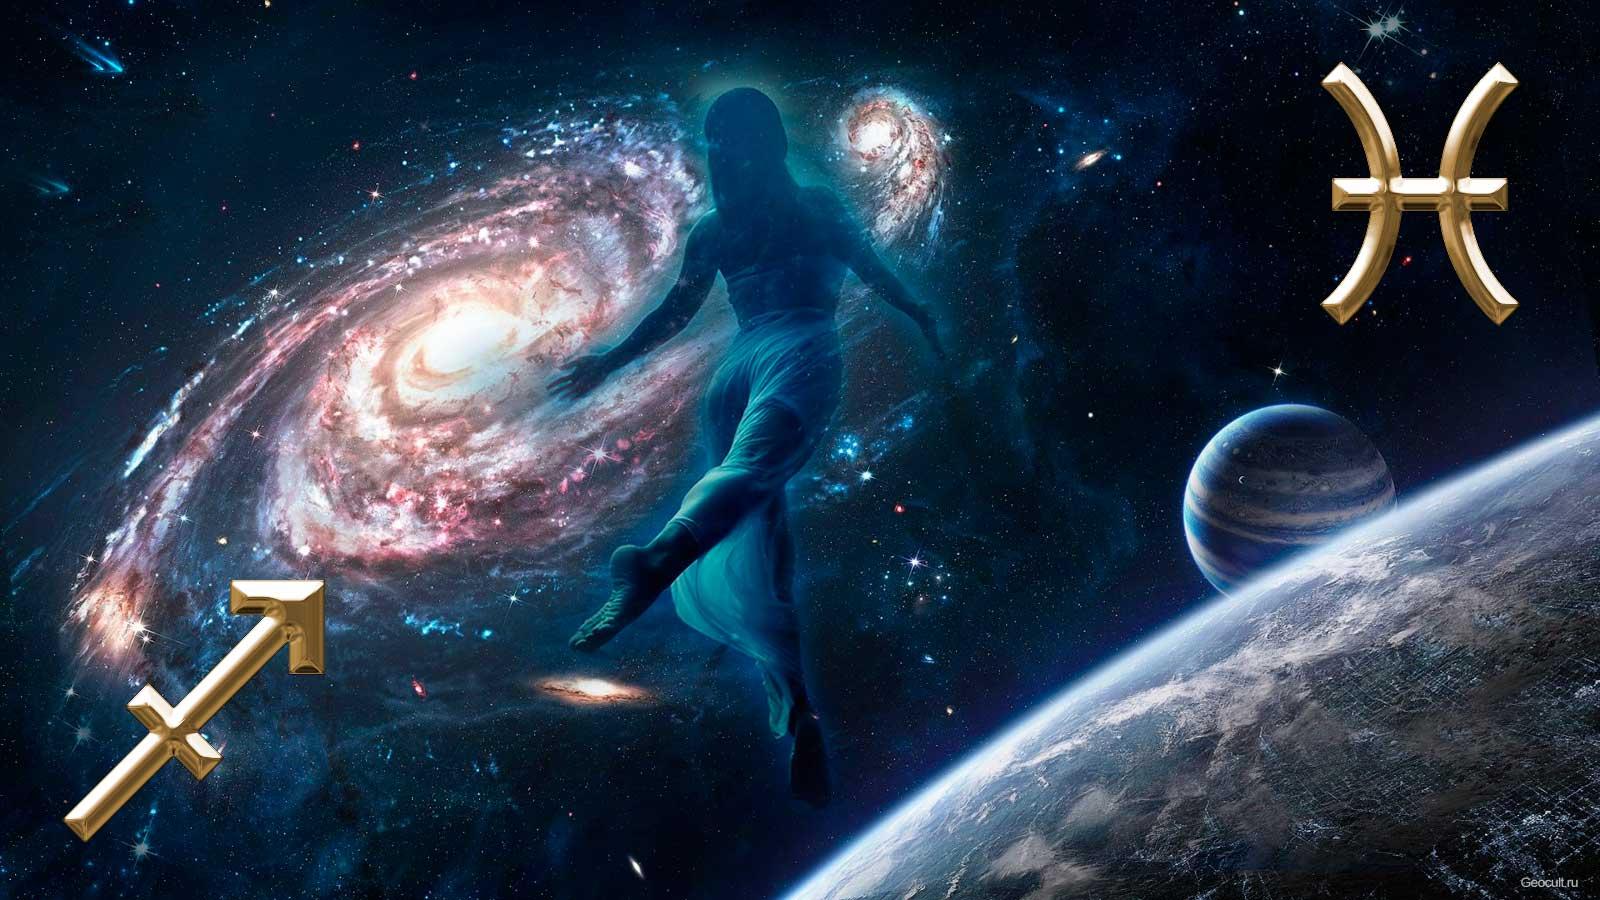 астролог,астрология,закзать гороскоп